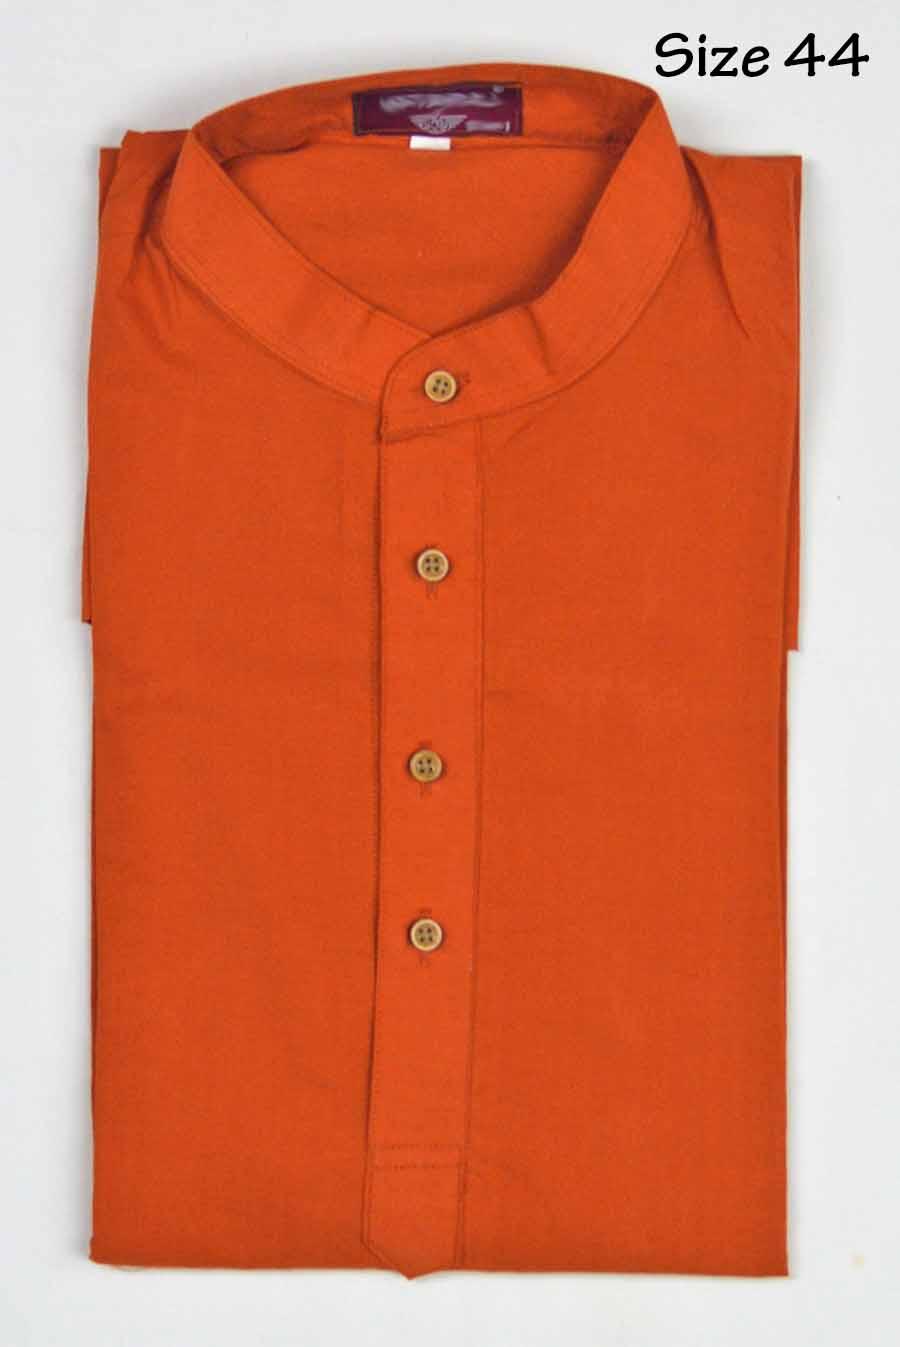 Cotton Kurta 9109 - 44